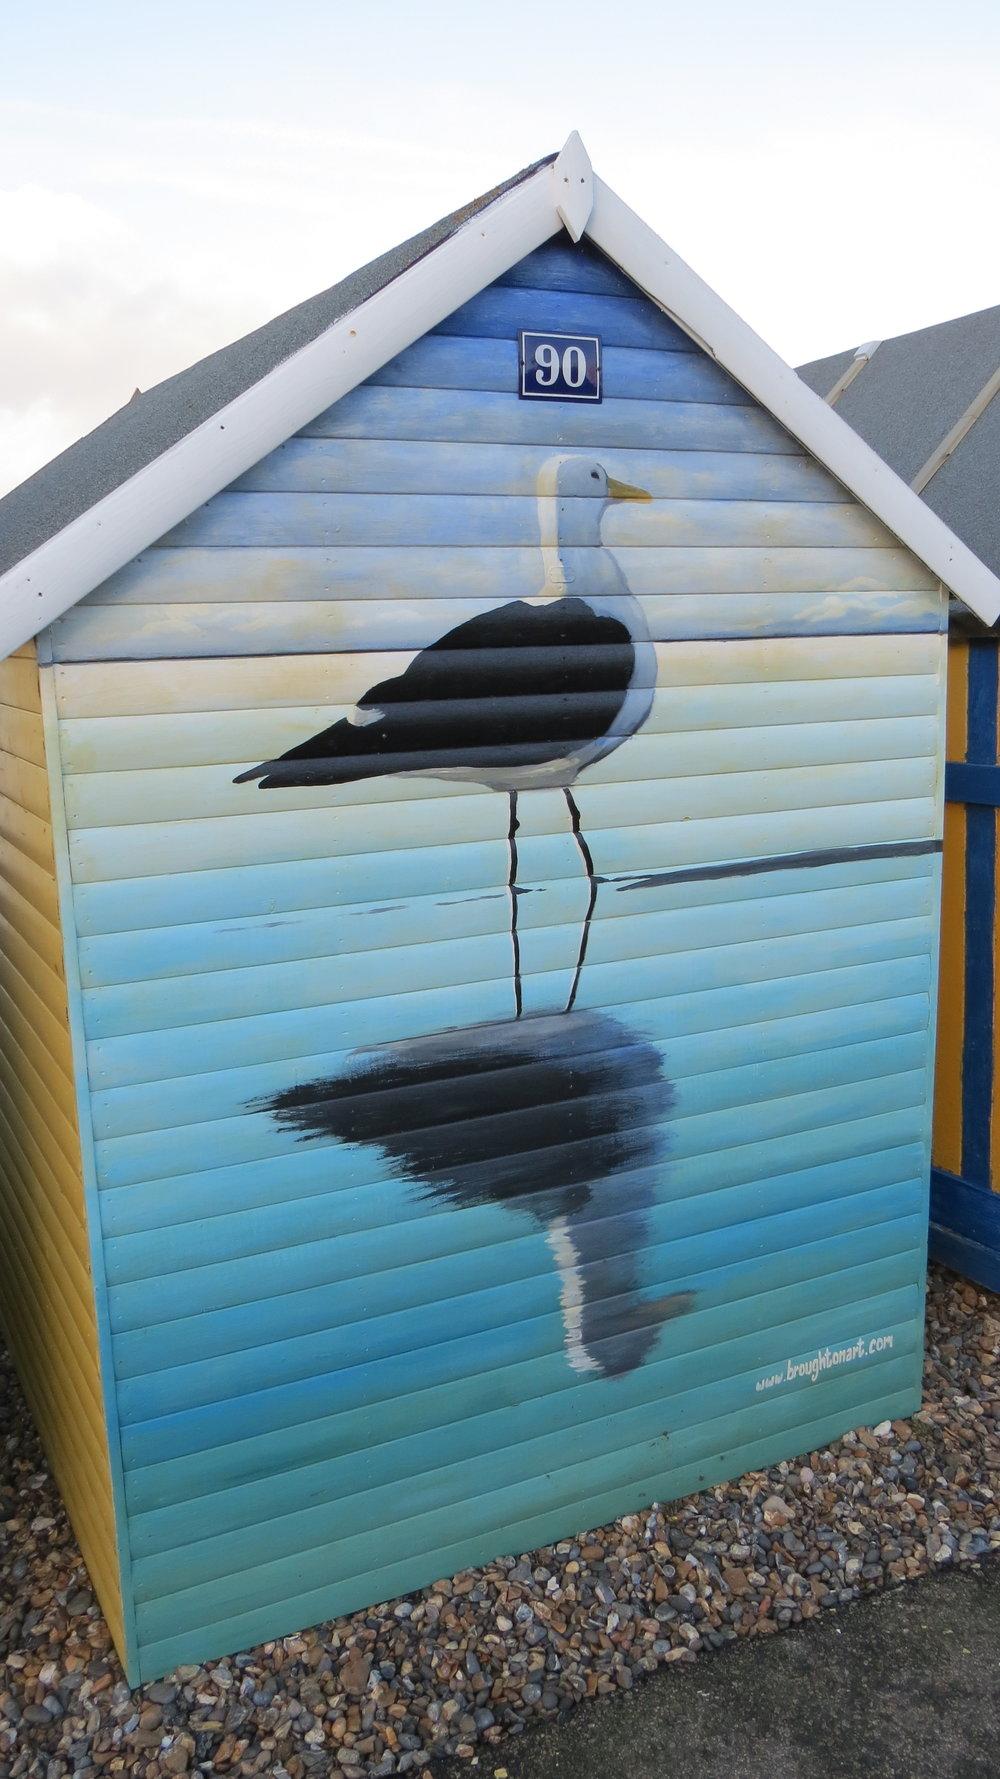 Beach hut art